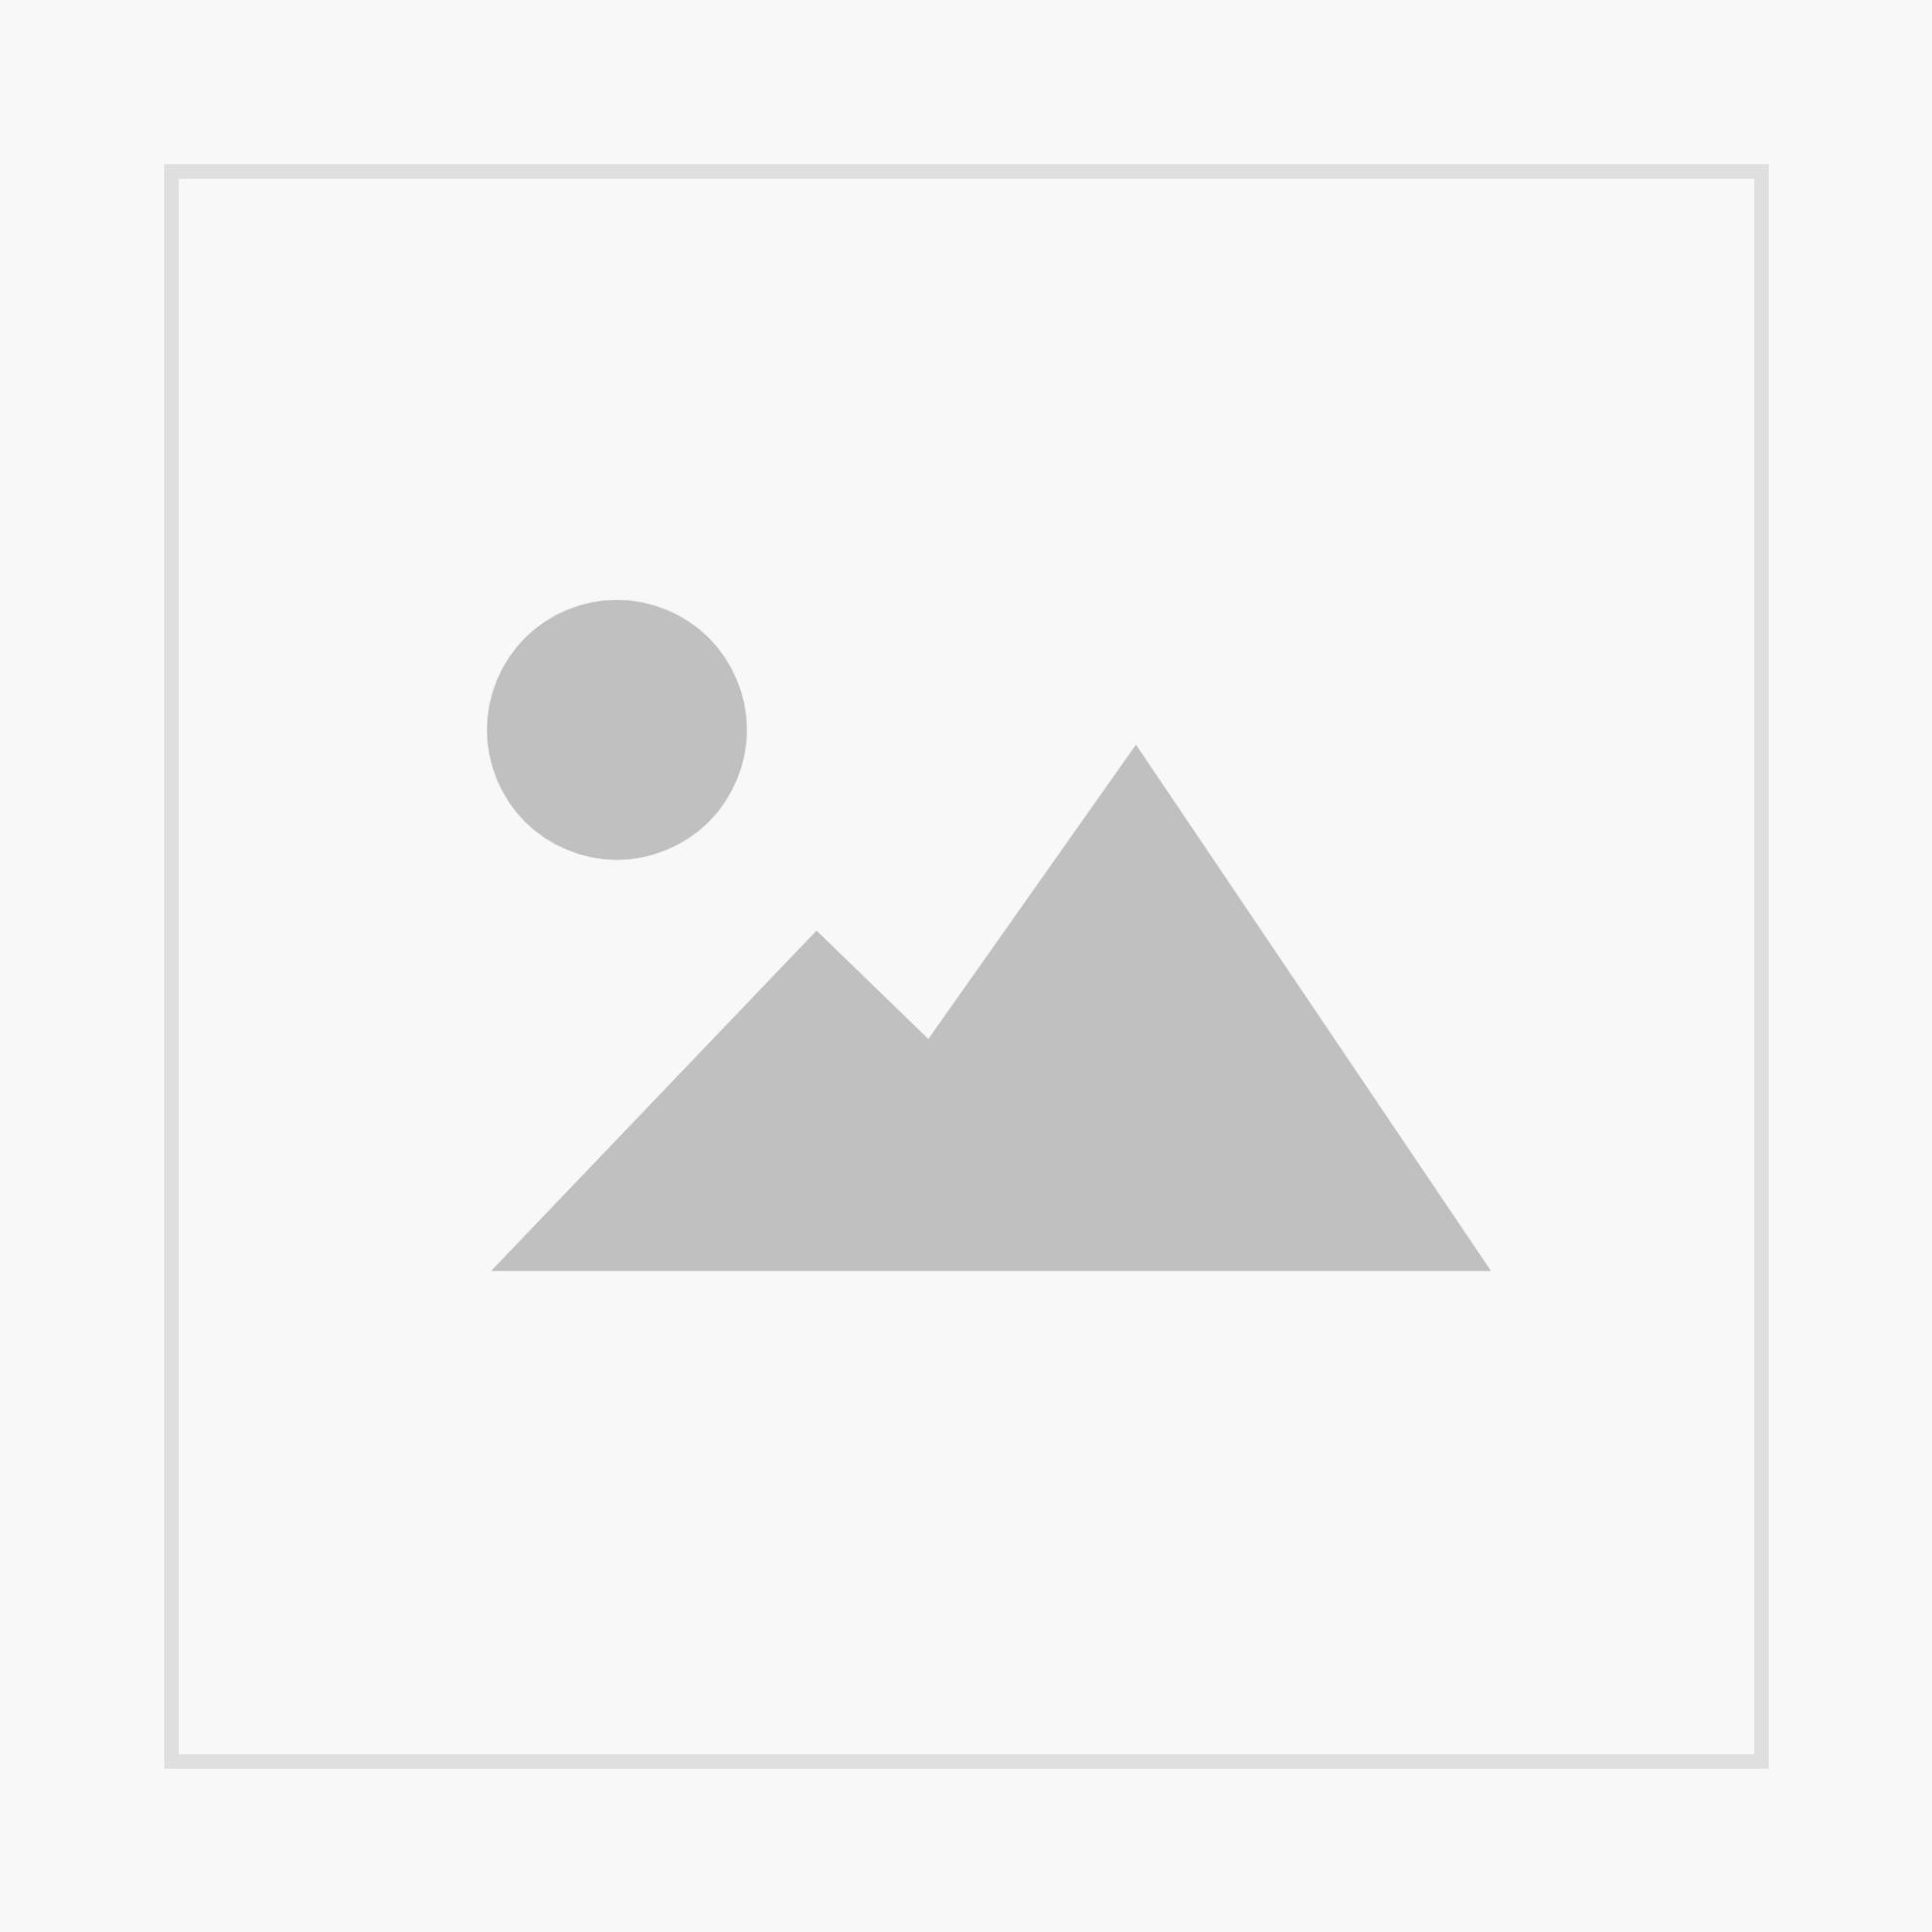 LuN Heft 32: Möglichkeiten und Grenzen der Bioindikation durch Tierarten und Tiergruppen im Rahmen raumrelevanter Planungen